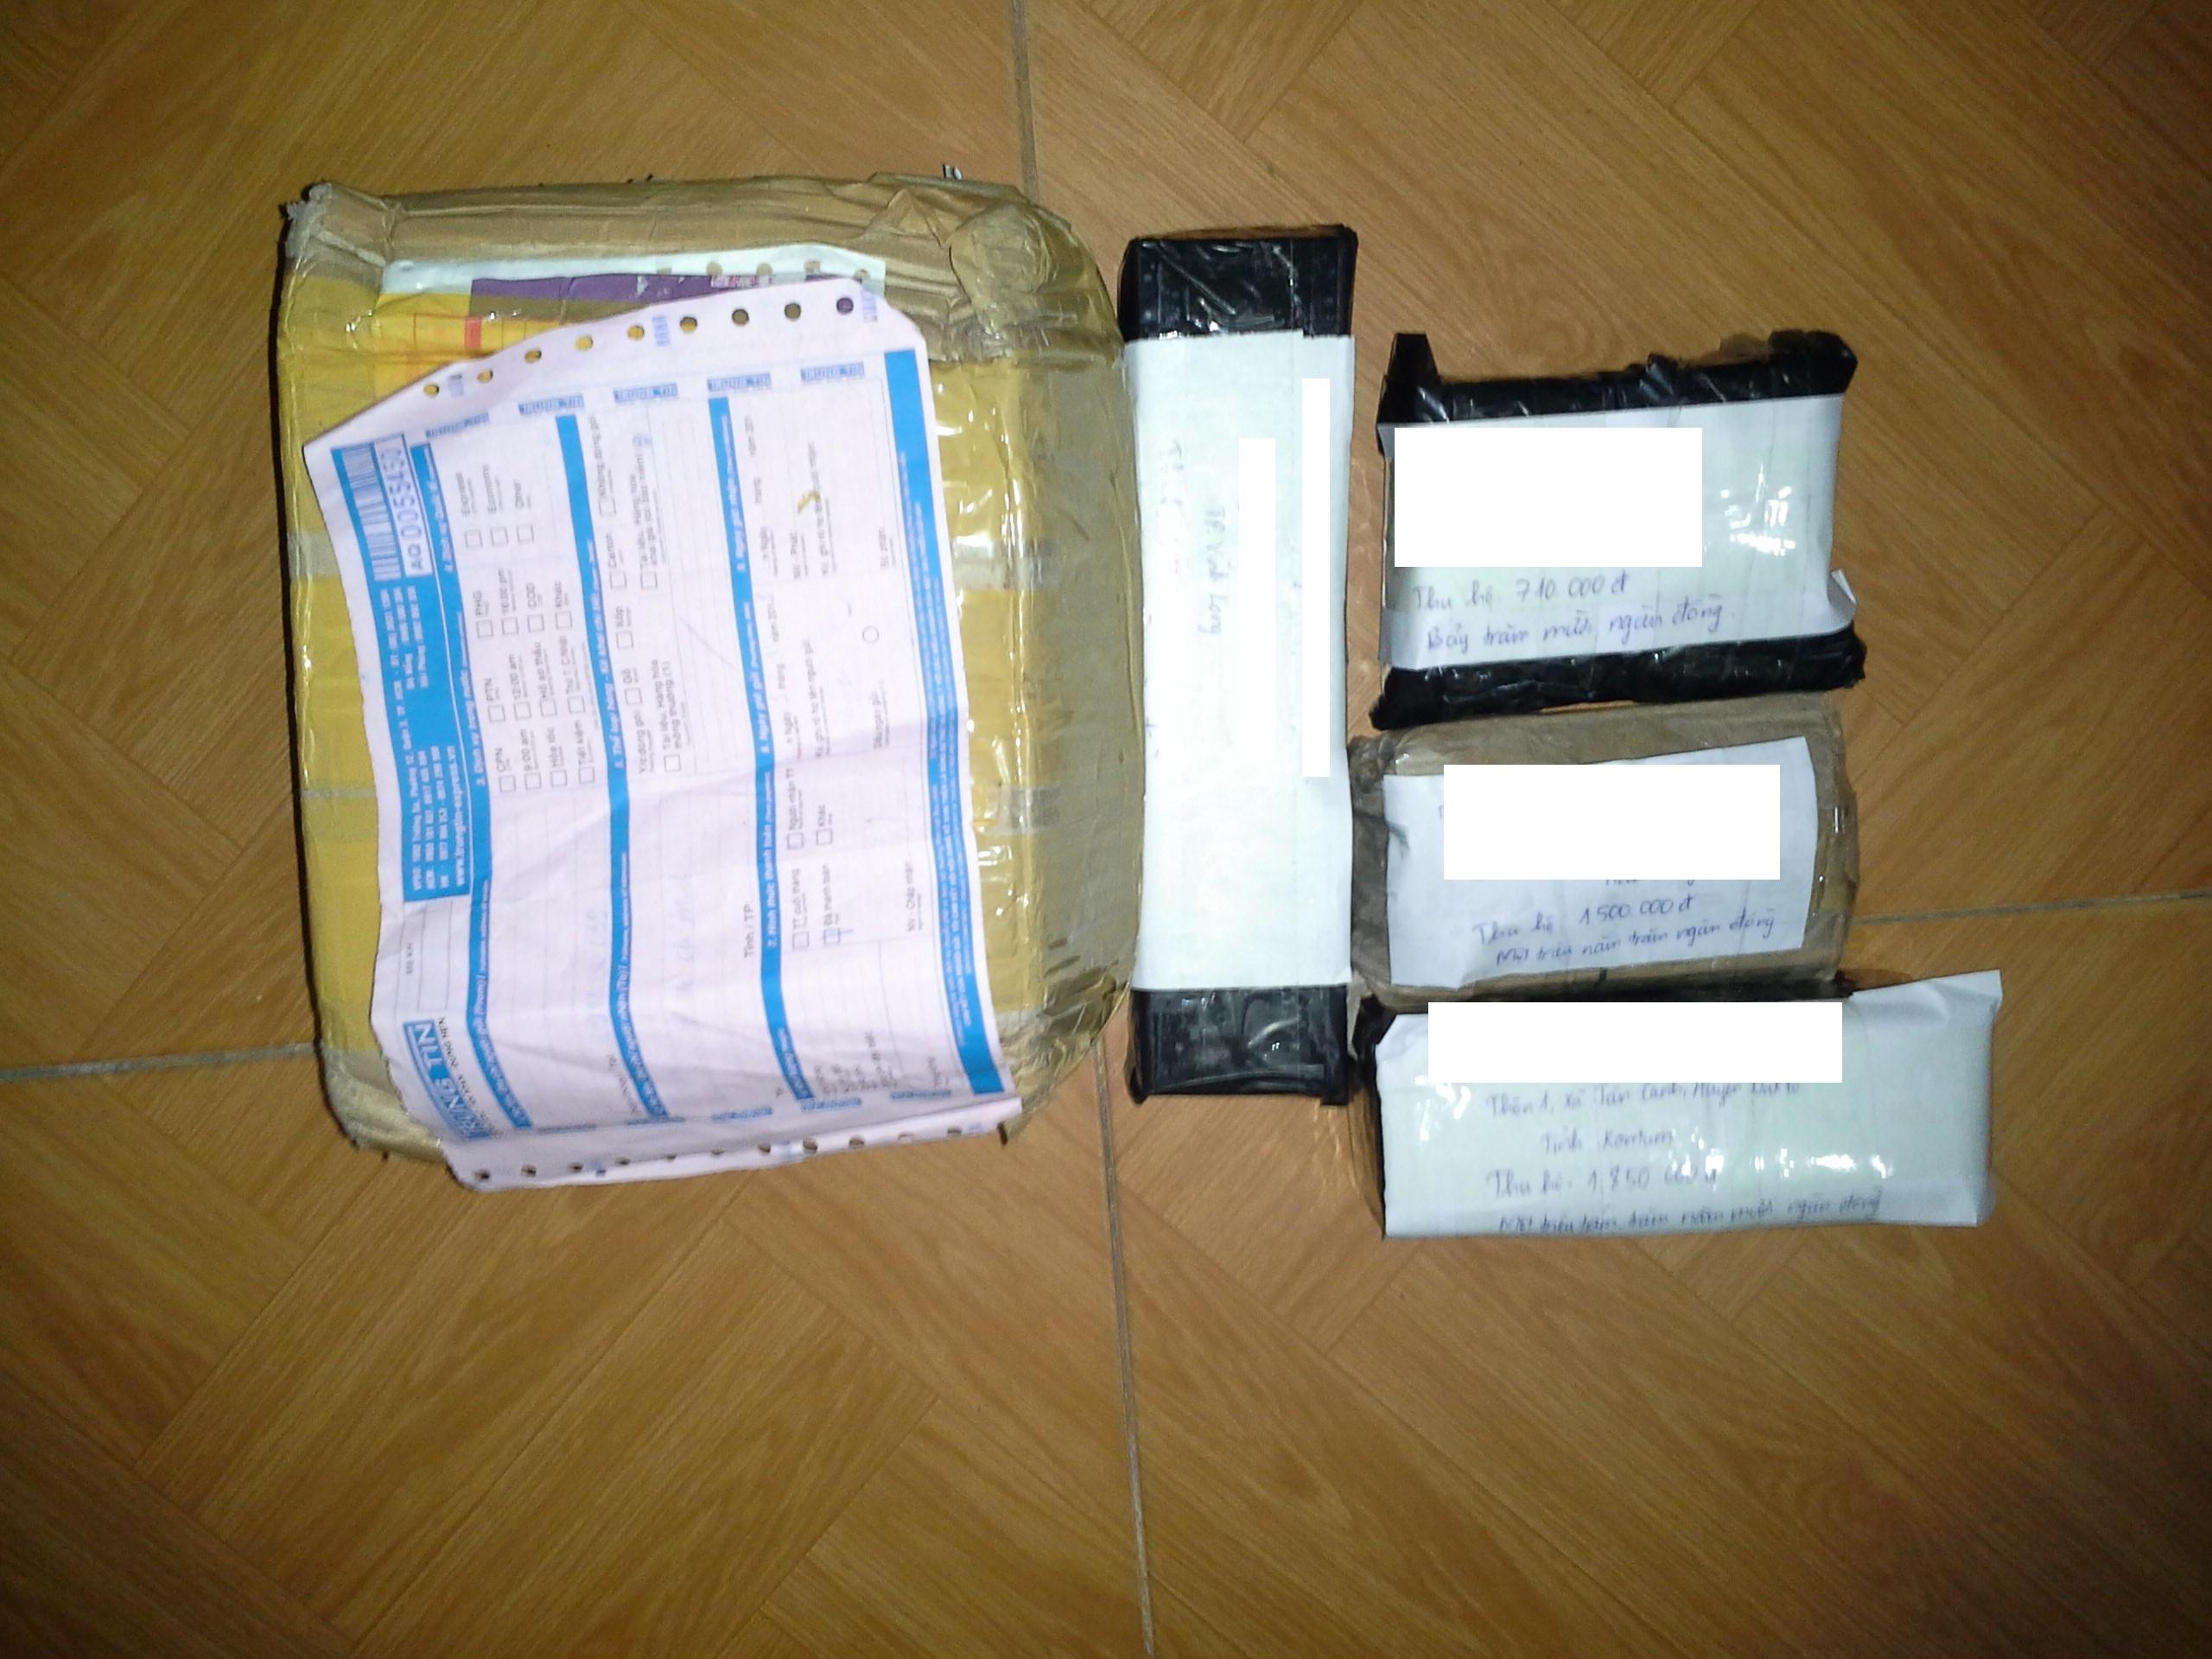 Các gói hàng sẽ được đóng kín và an toàn bên trong